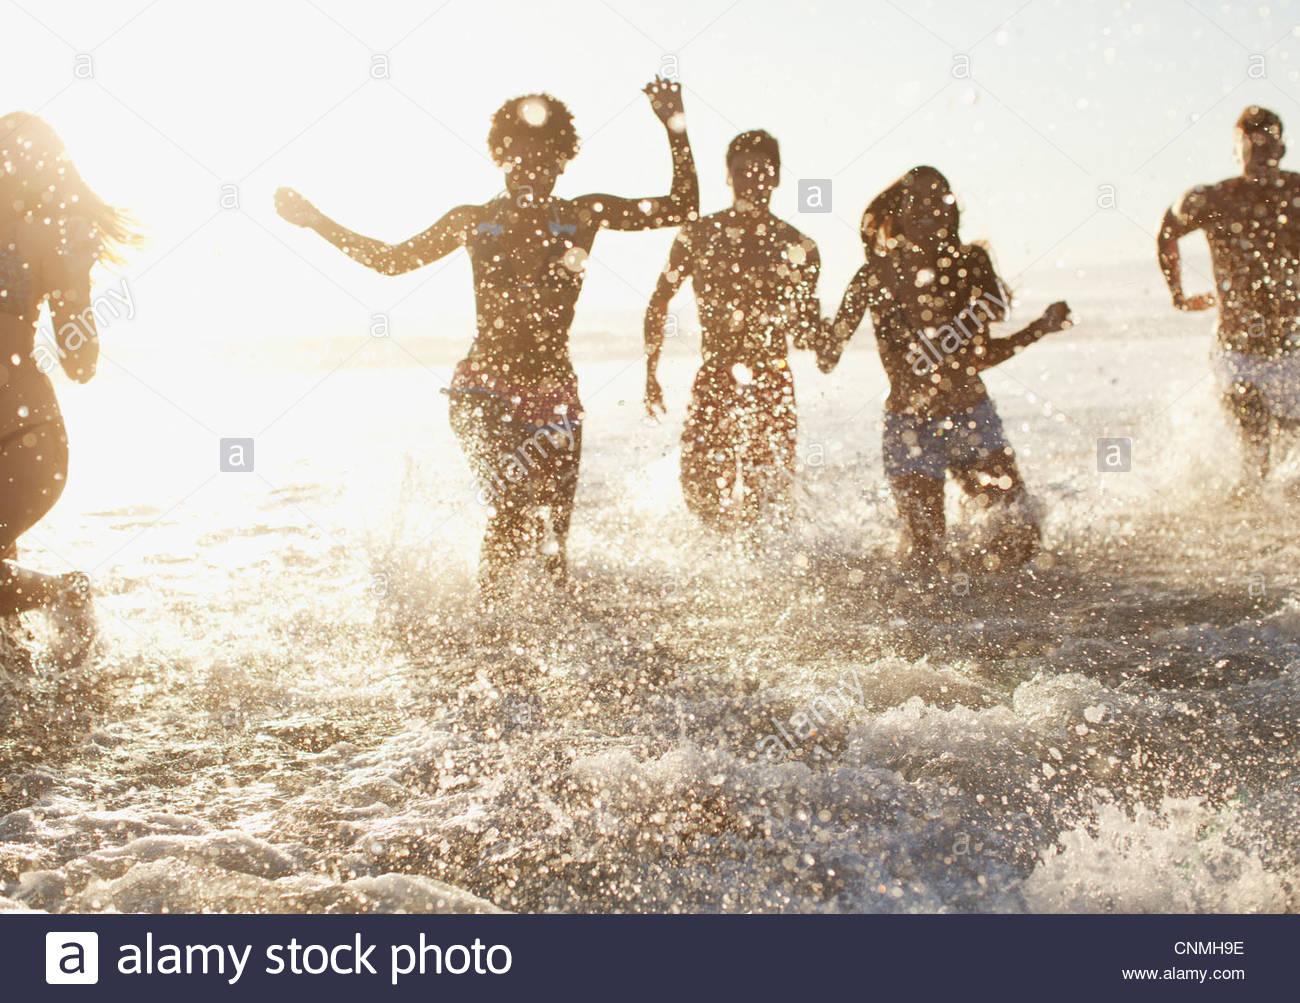 Amis jouant dans les vagues sur la plage Photo Stock